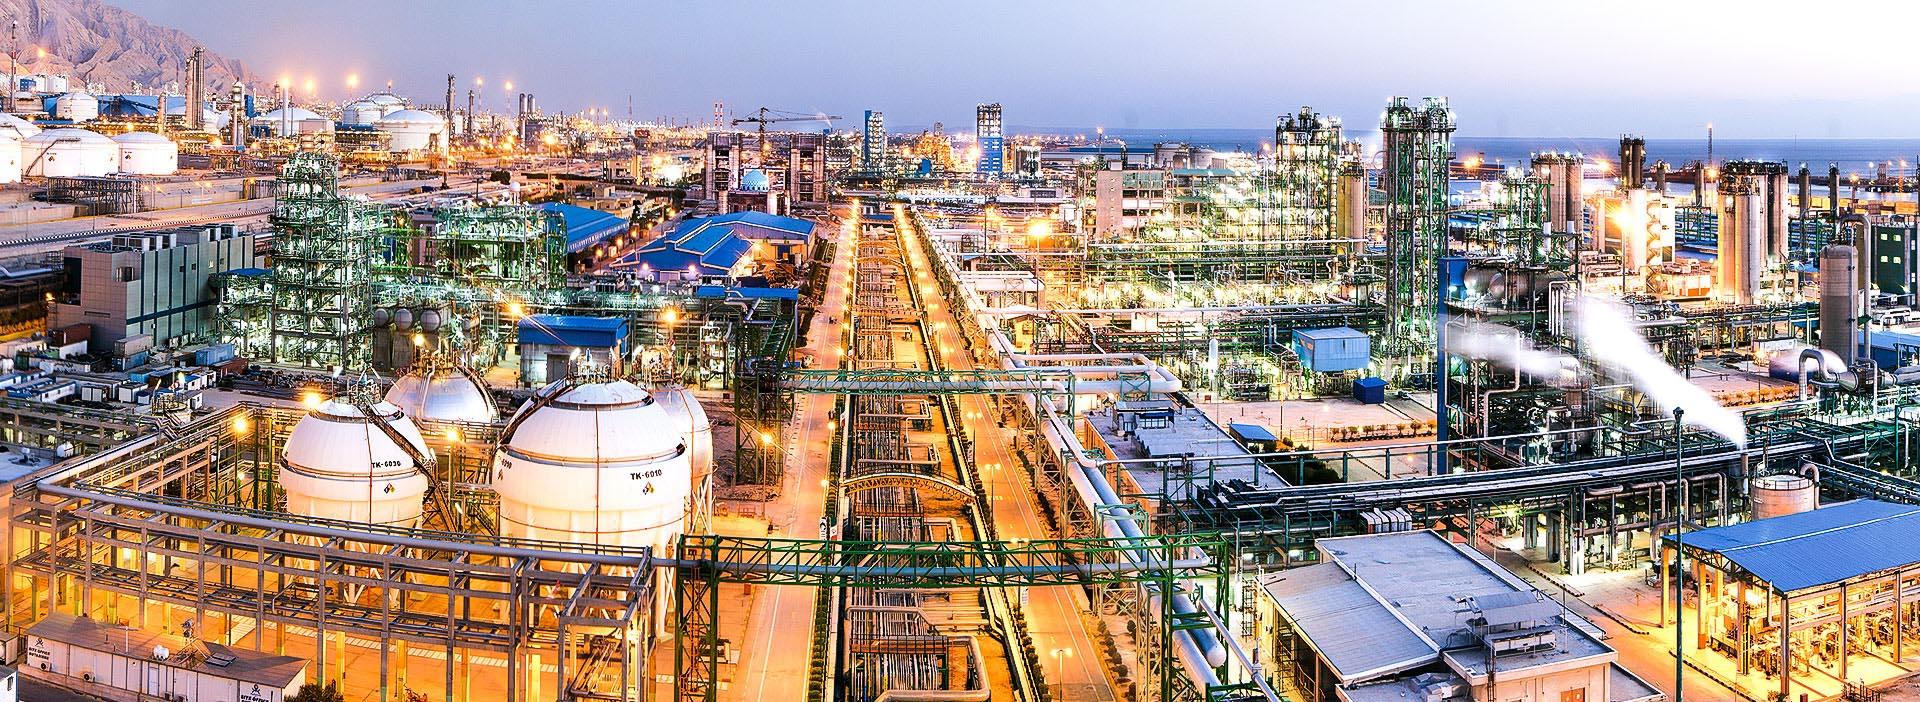 آمریکا پس از تحریم فروش نفت، به سراغ کدام محصول صادراتی ایران خواهد رفت؟